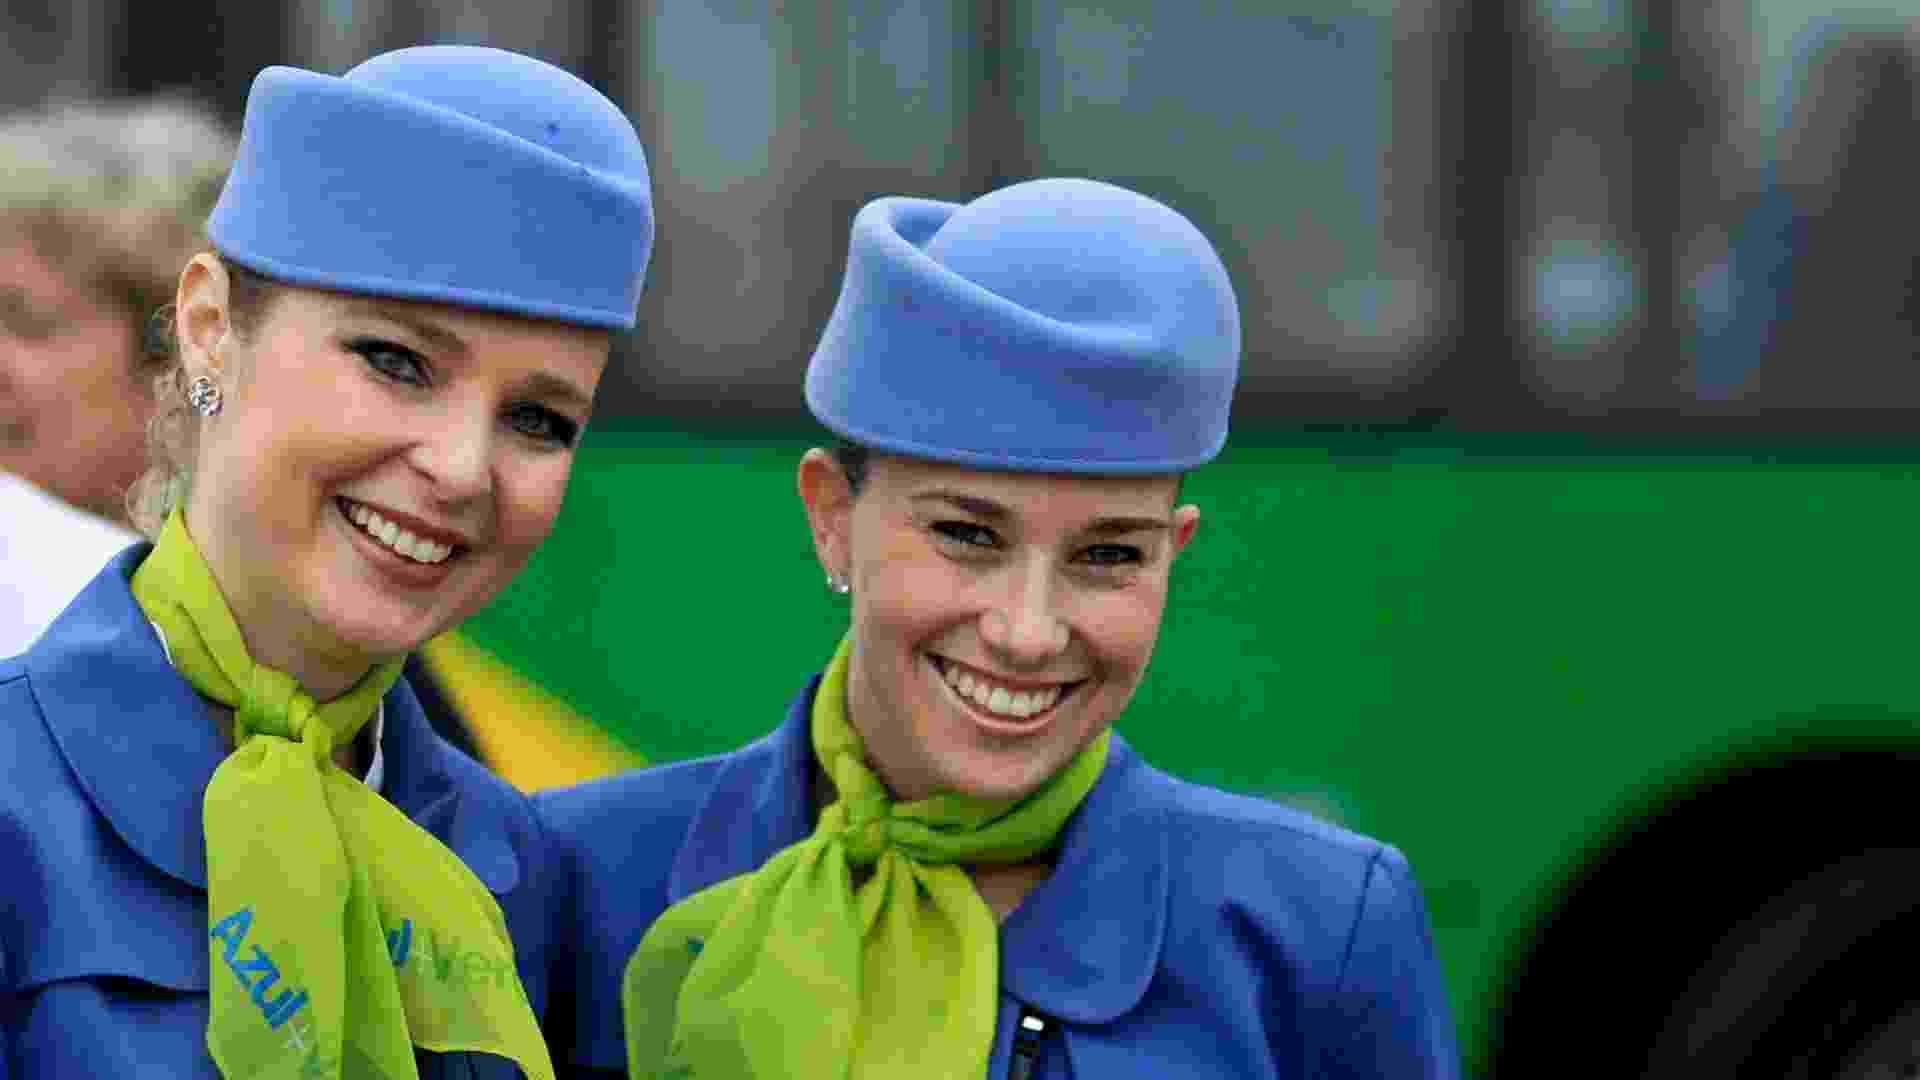 A companhia aérea Azul fez um voo experimental com biocombustível a base de cana-de-açúcar. O voo, reservado para convidados, partiu do Aeroporto de Viracopos, em Campinas (SP) com destino ao  Aeroporto Santos Dumont, no Rio de Janeiro - Leandro Moraes/UOL